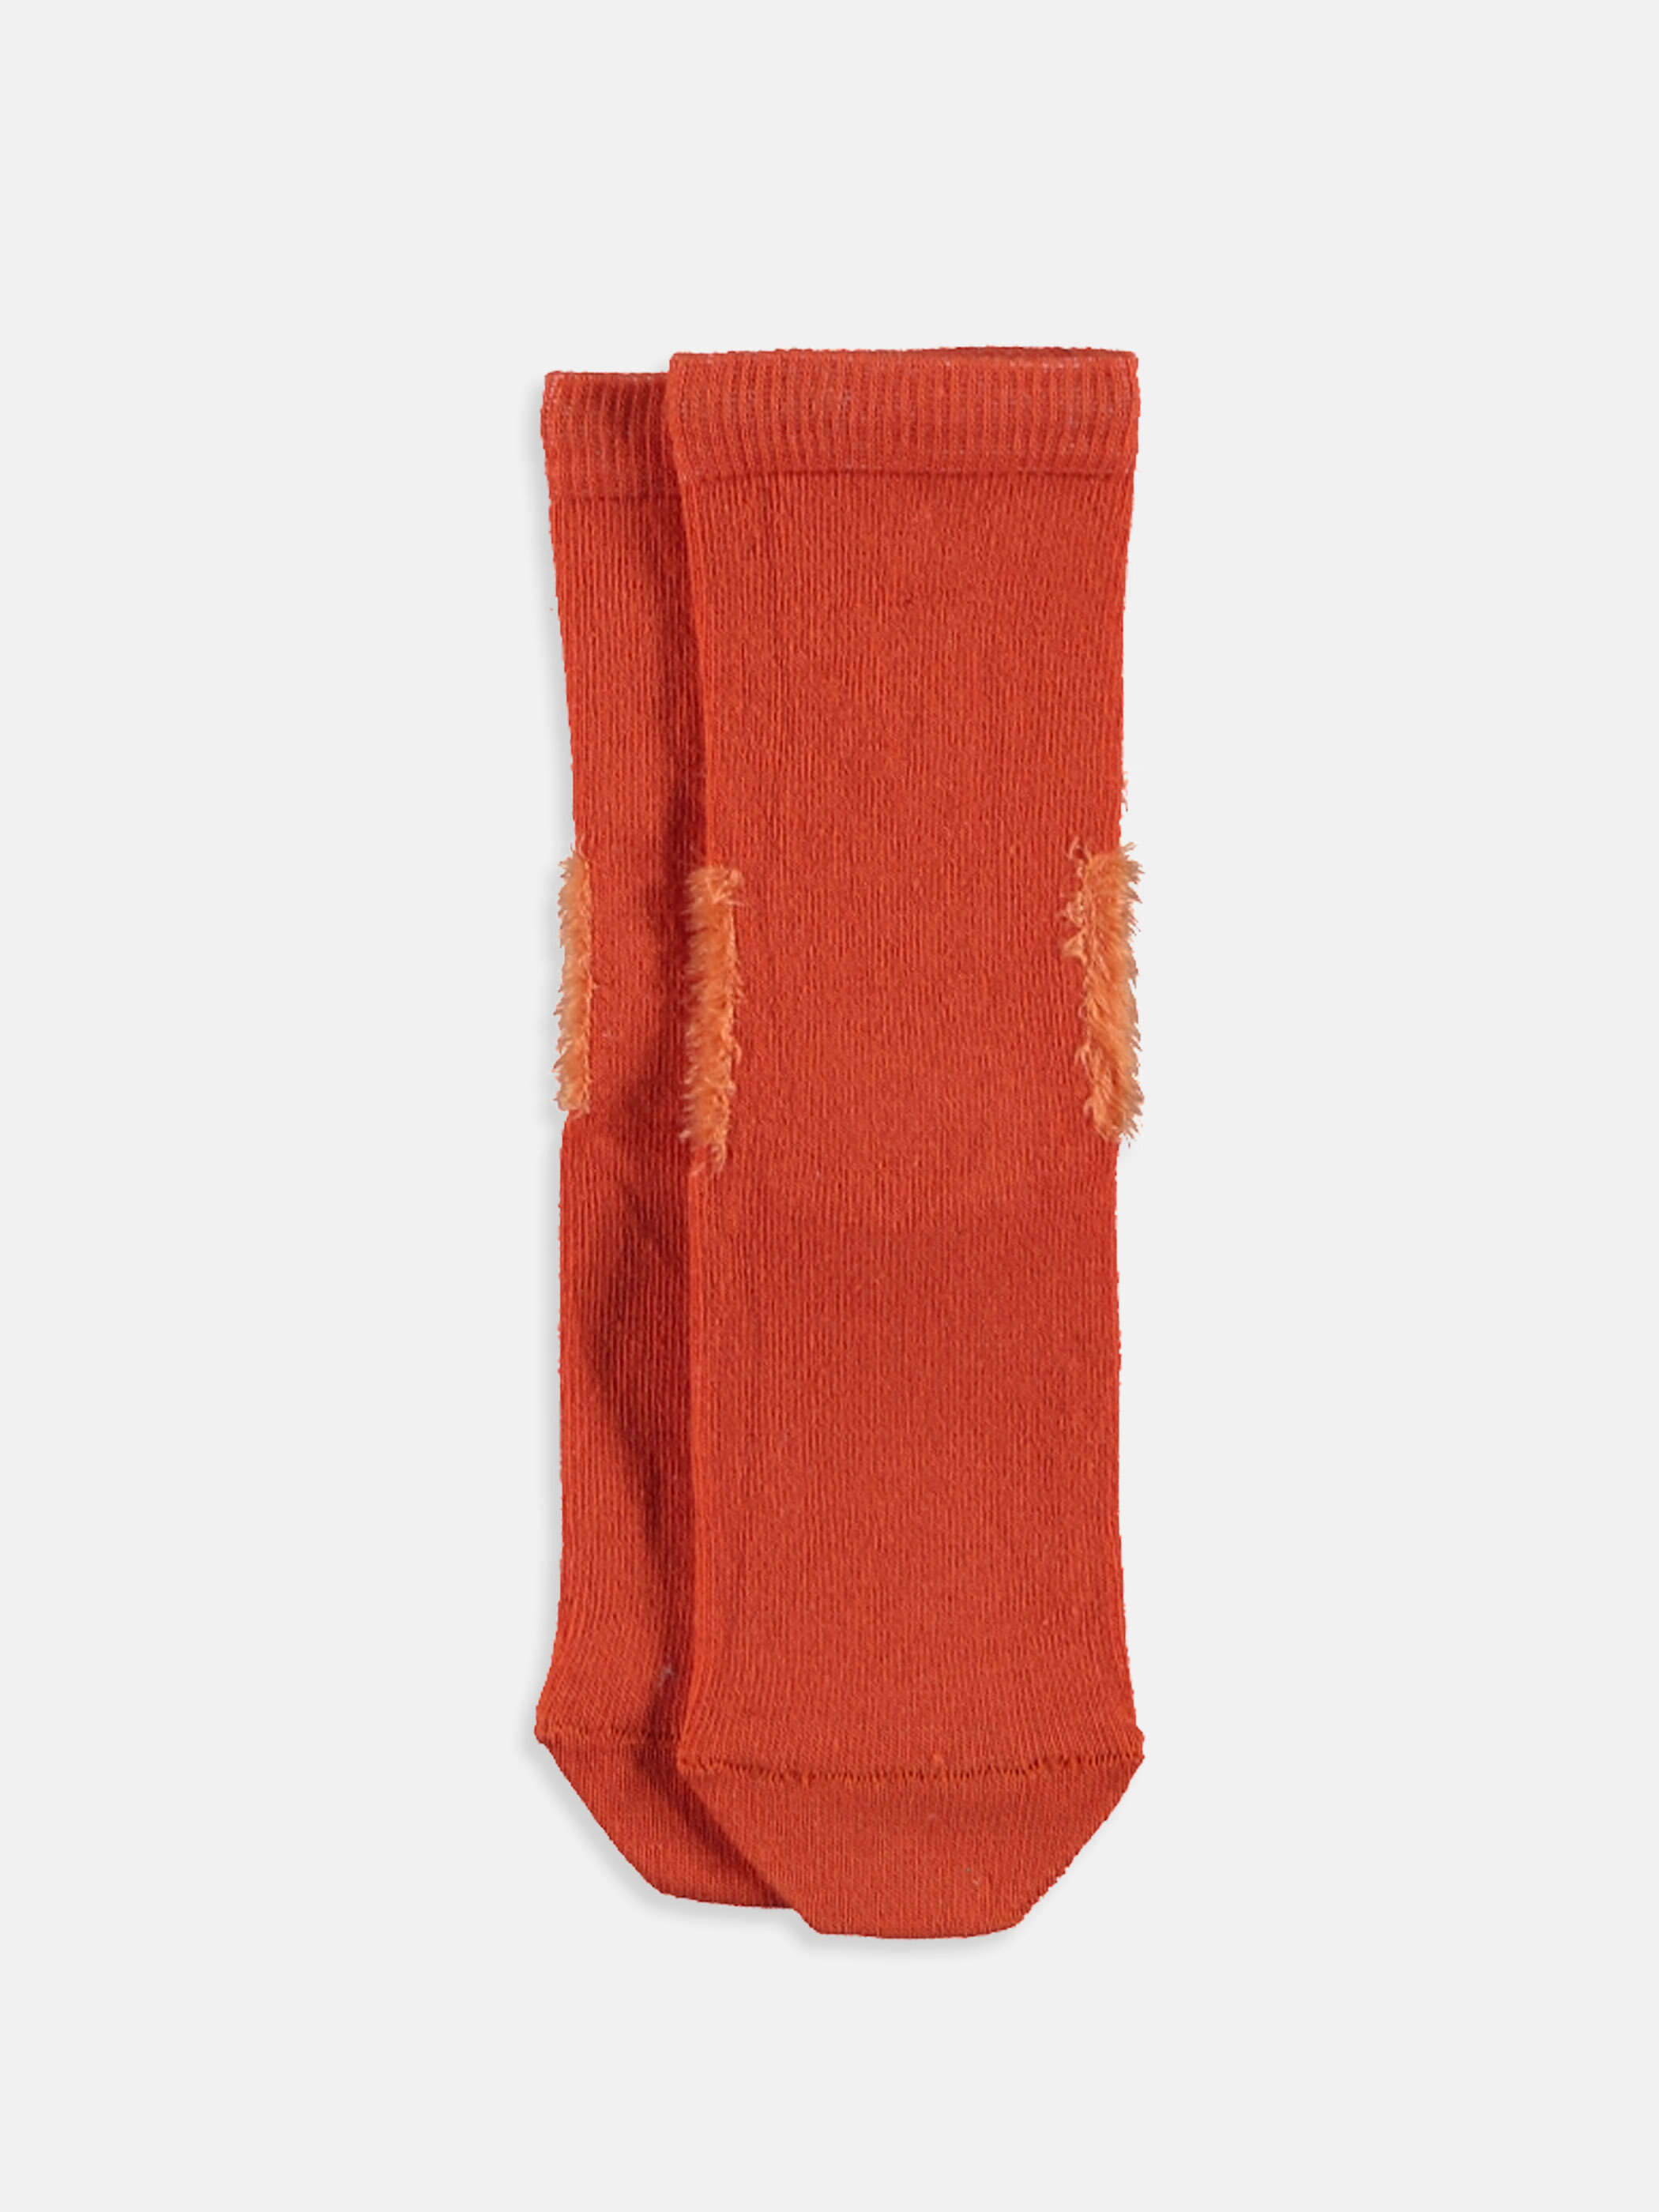 Erkek Çocuk Soket Çorap 3'lü -9S6270Z4-K00